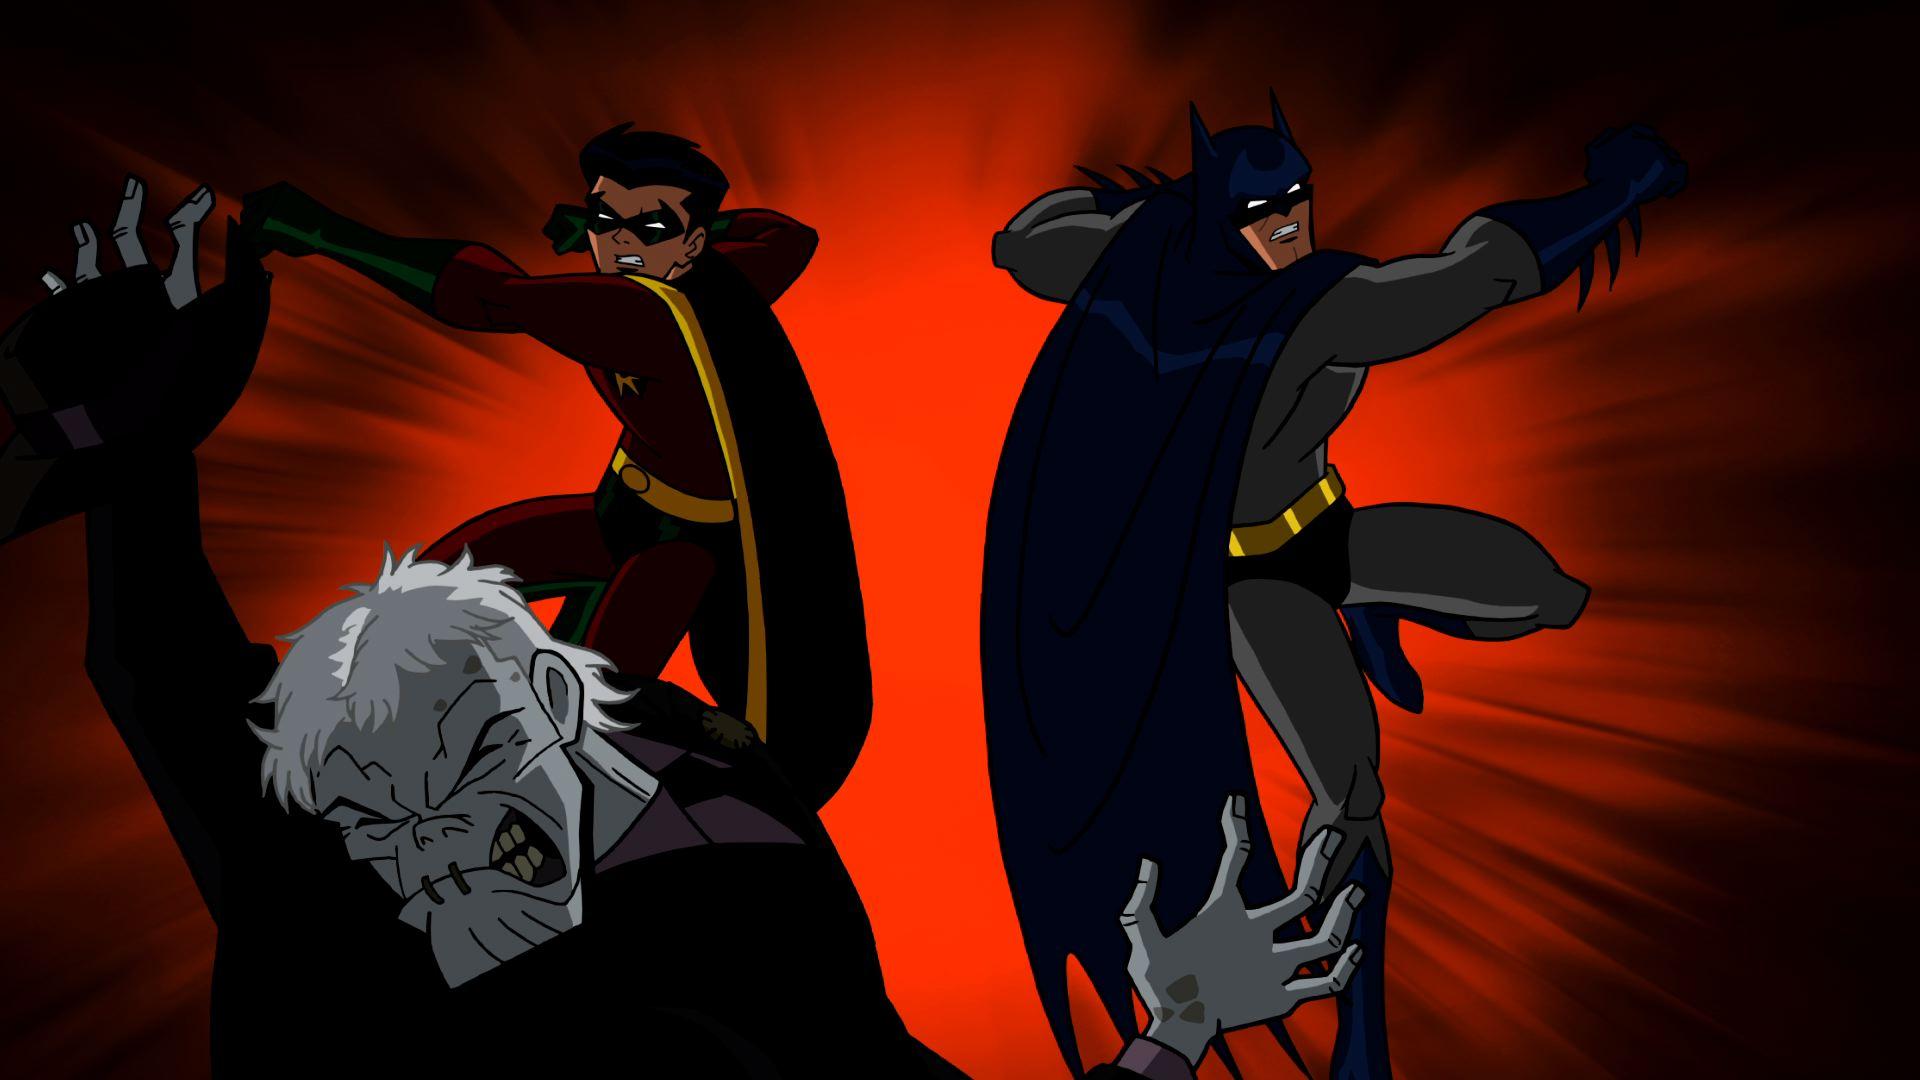 dick grayson y damian wayne como batman y robin en the